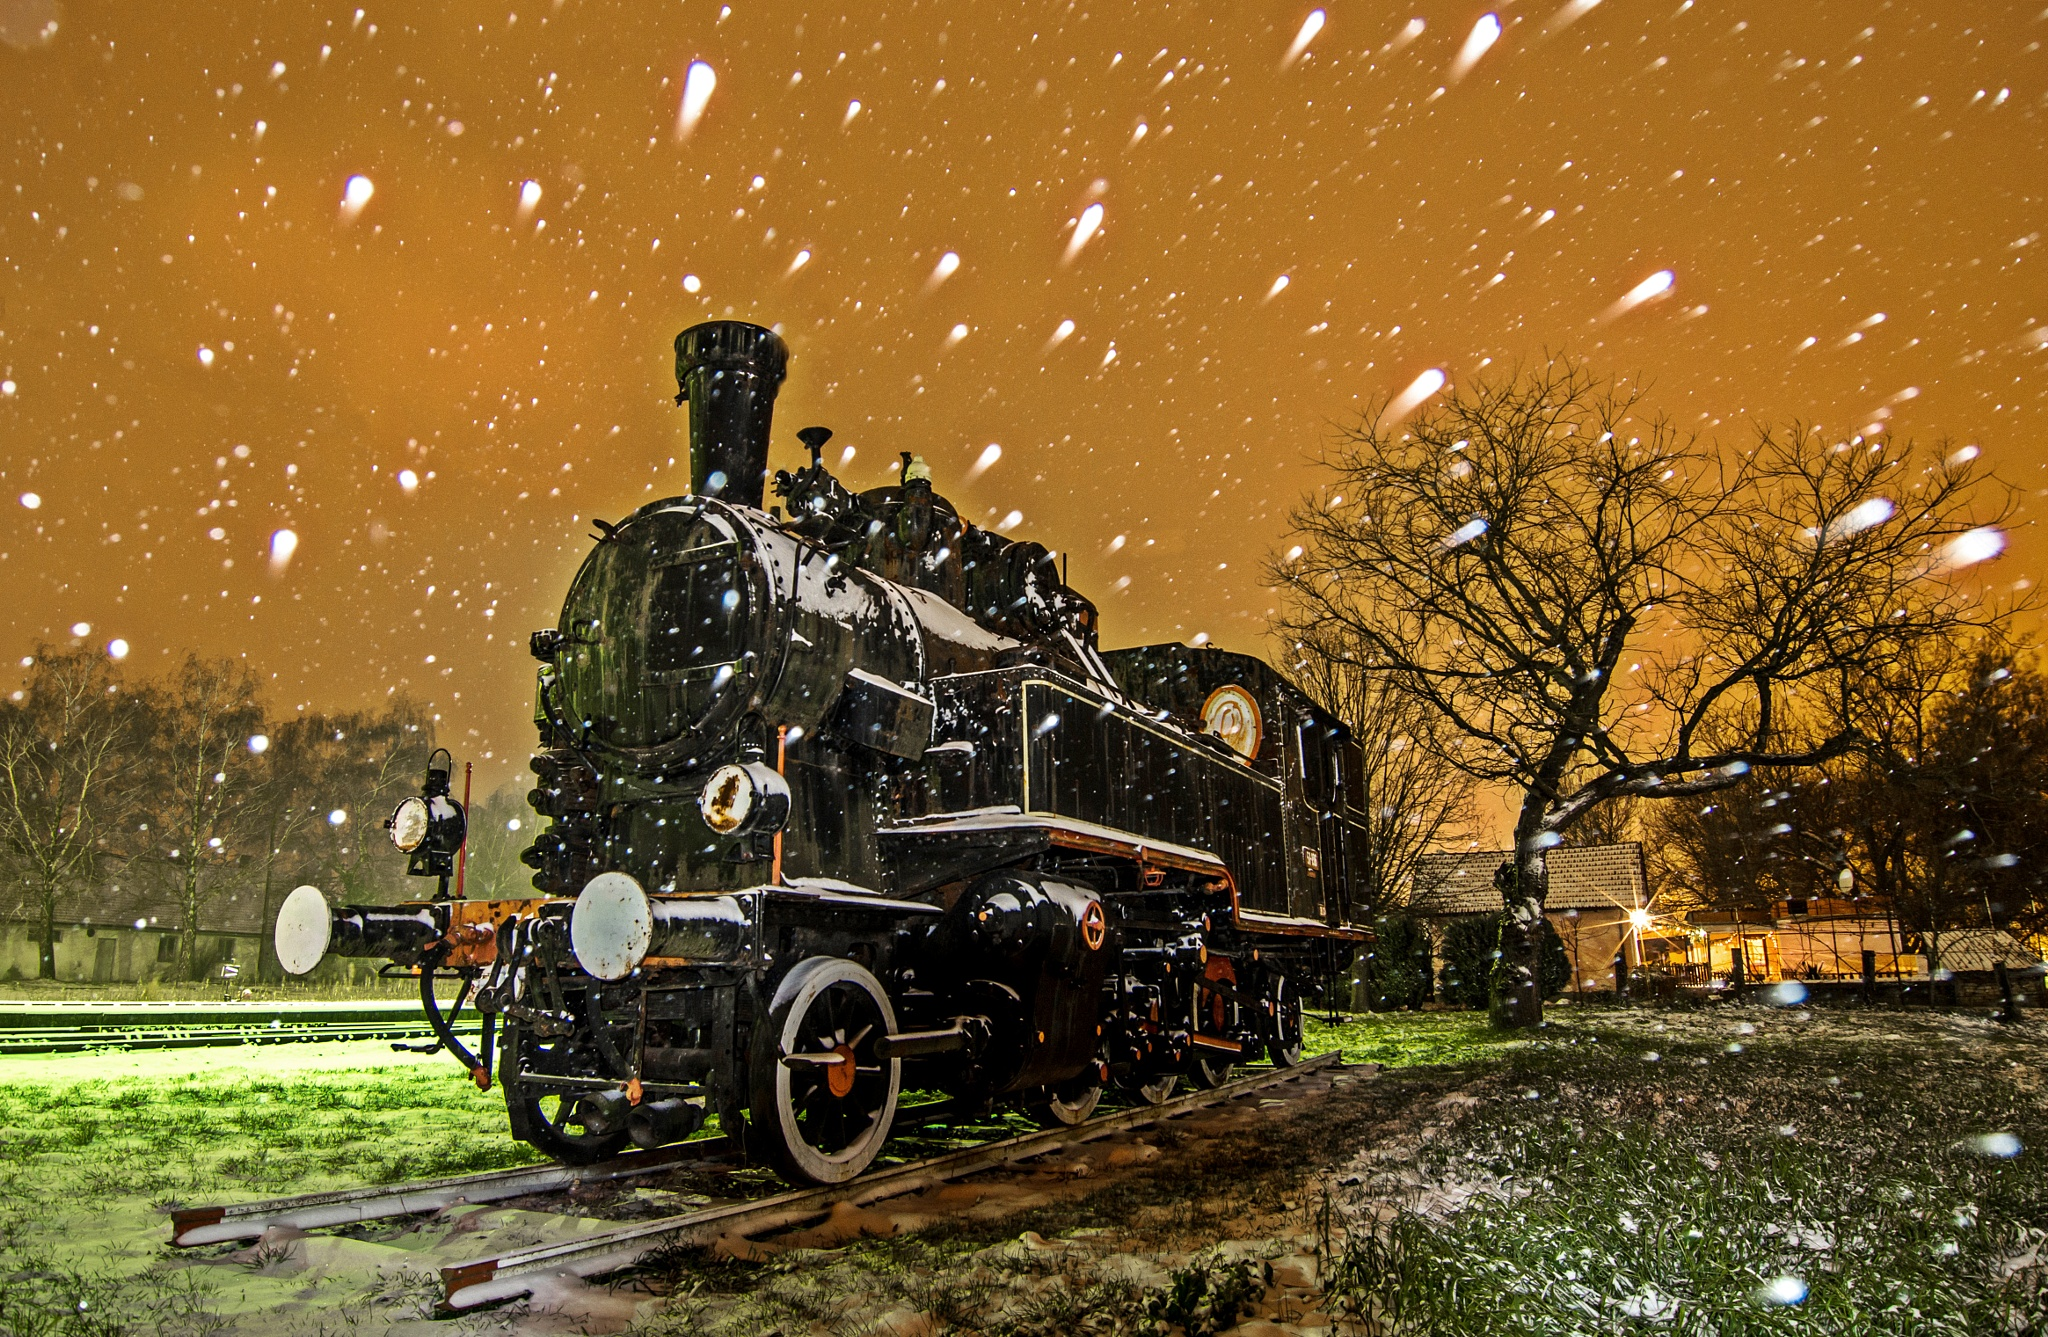 Steam locomotive by Zoran Rudec